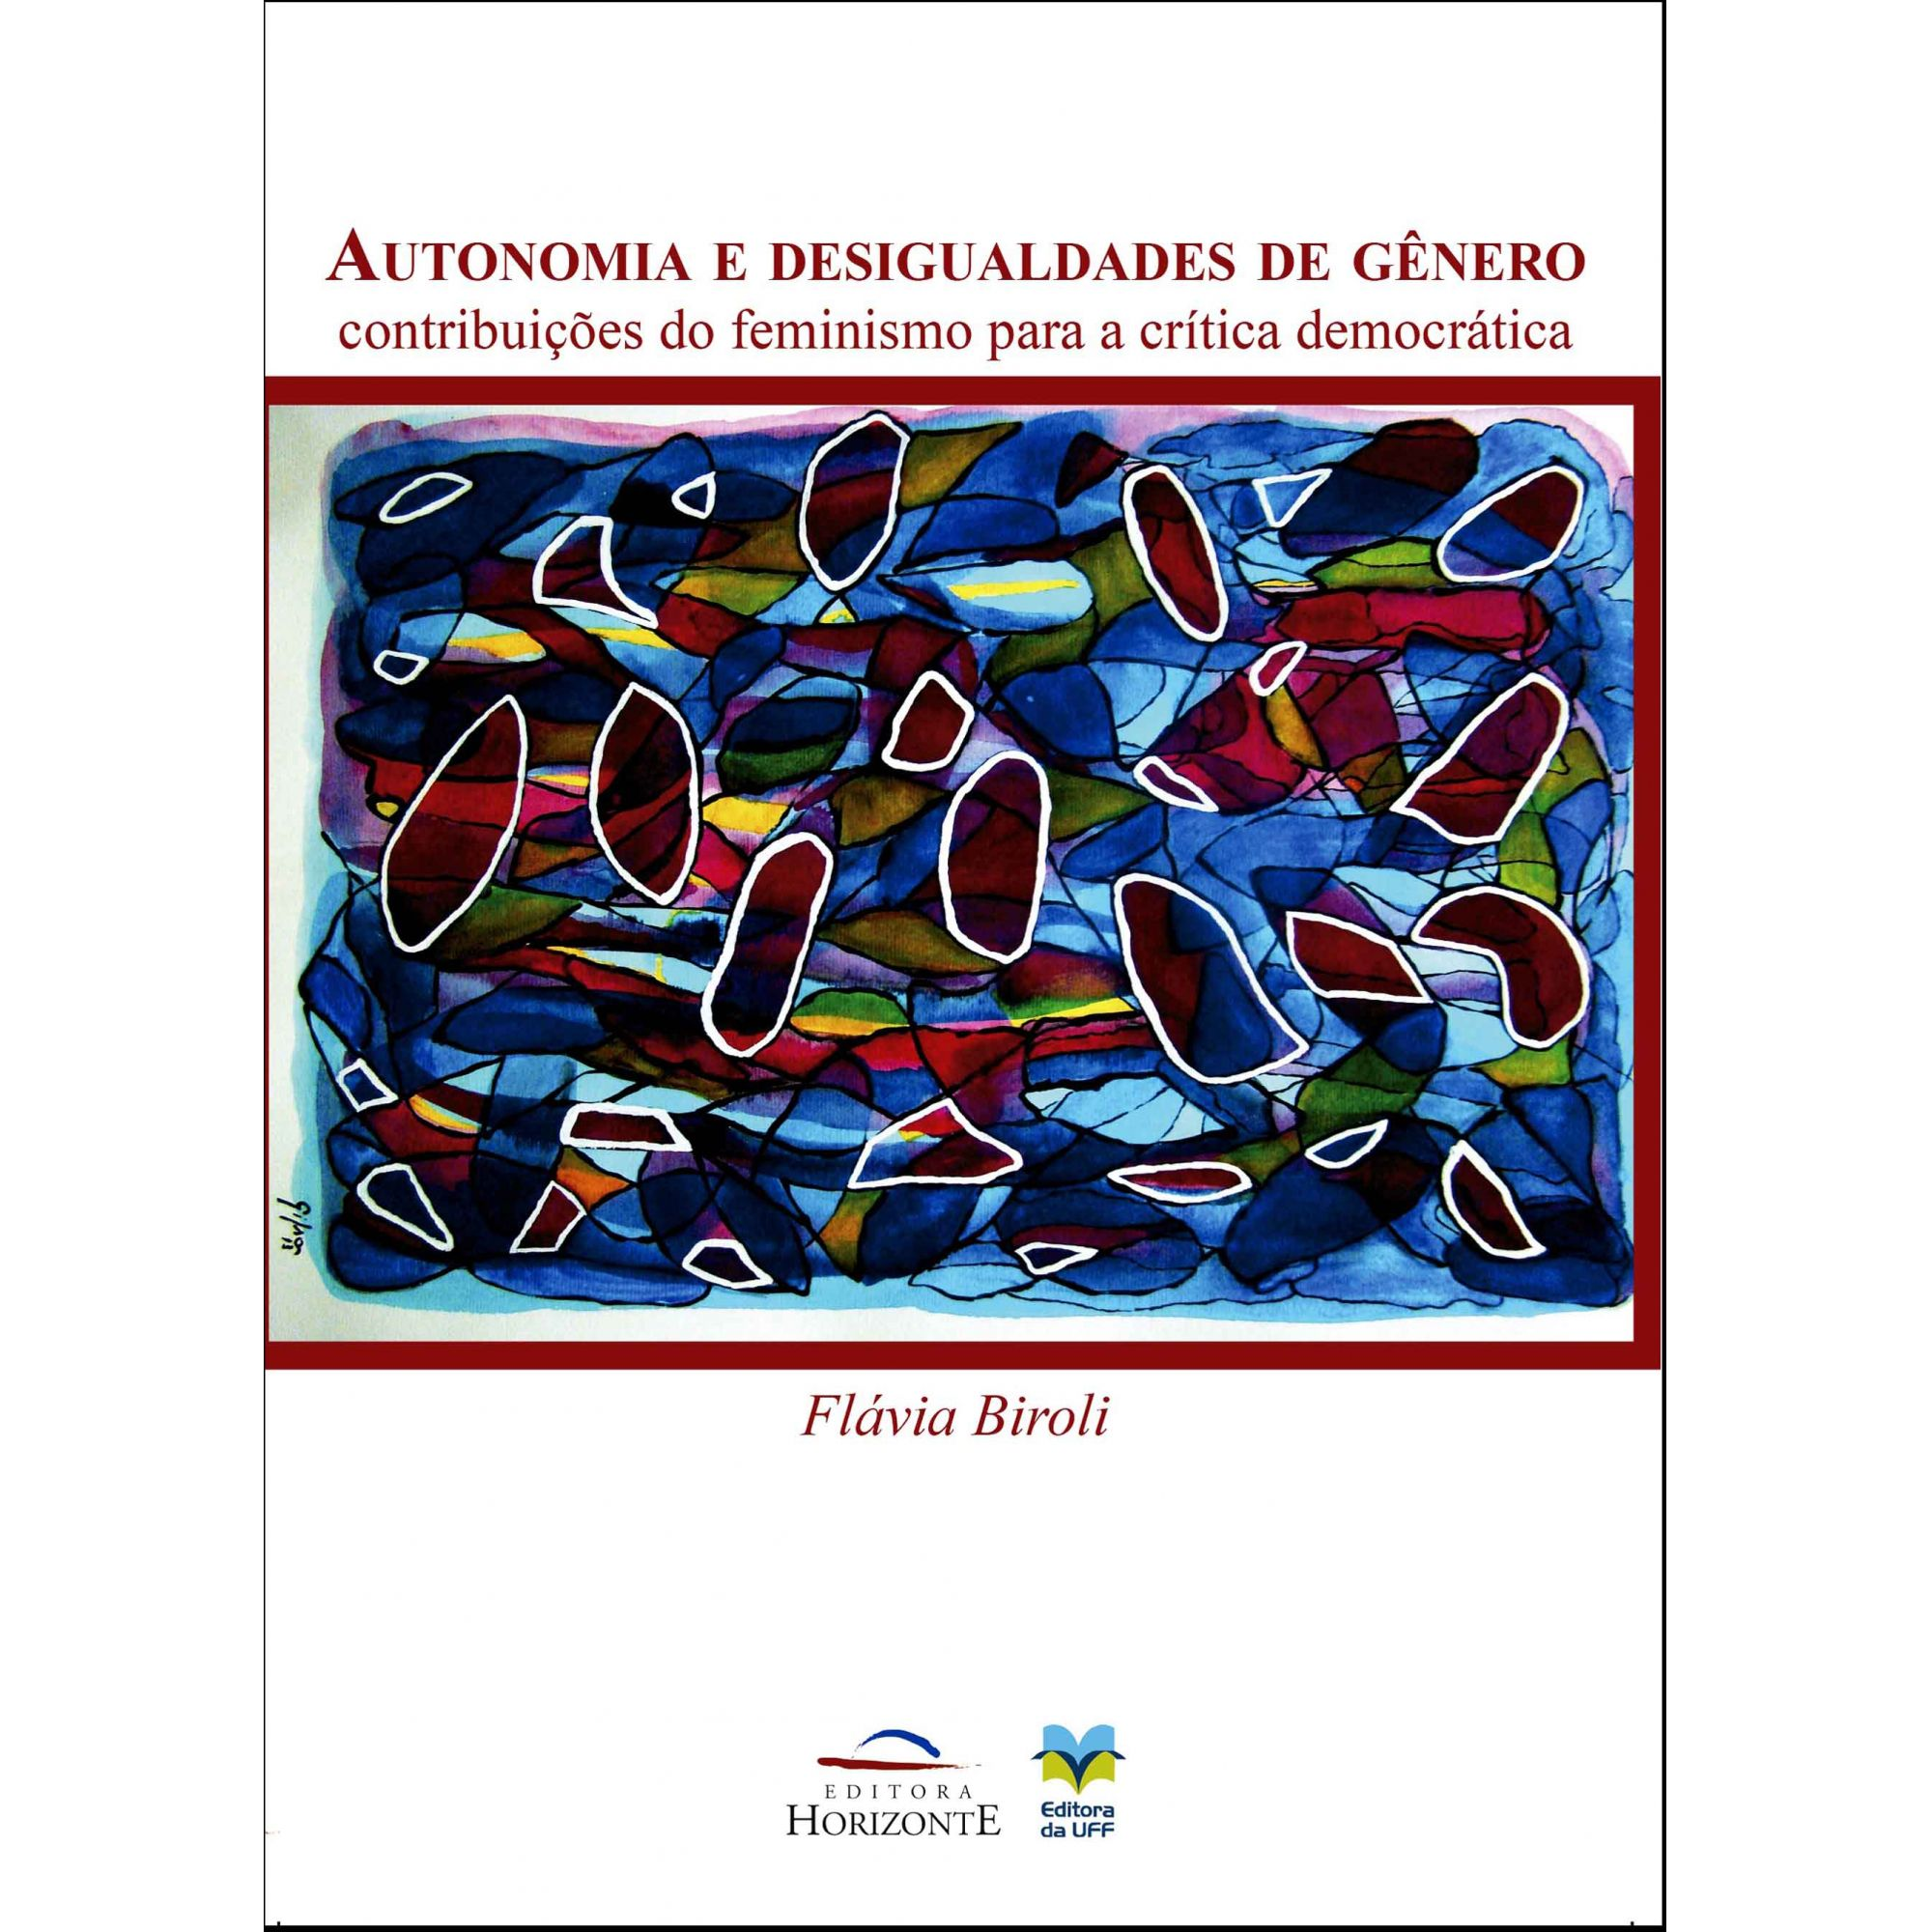 Autonomia e Desigualdades de Gênero: Contribuições do Feminismo Para a Crítica Democrática